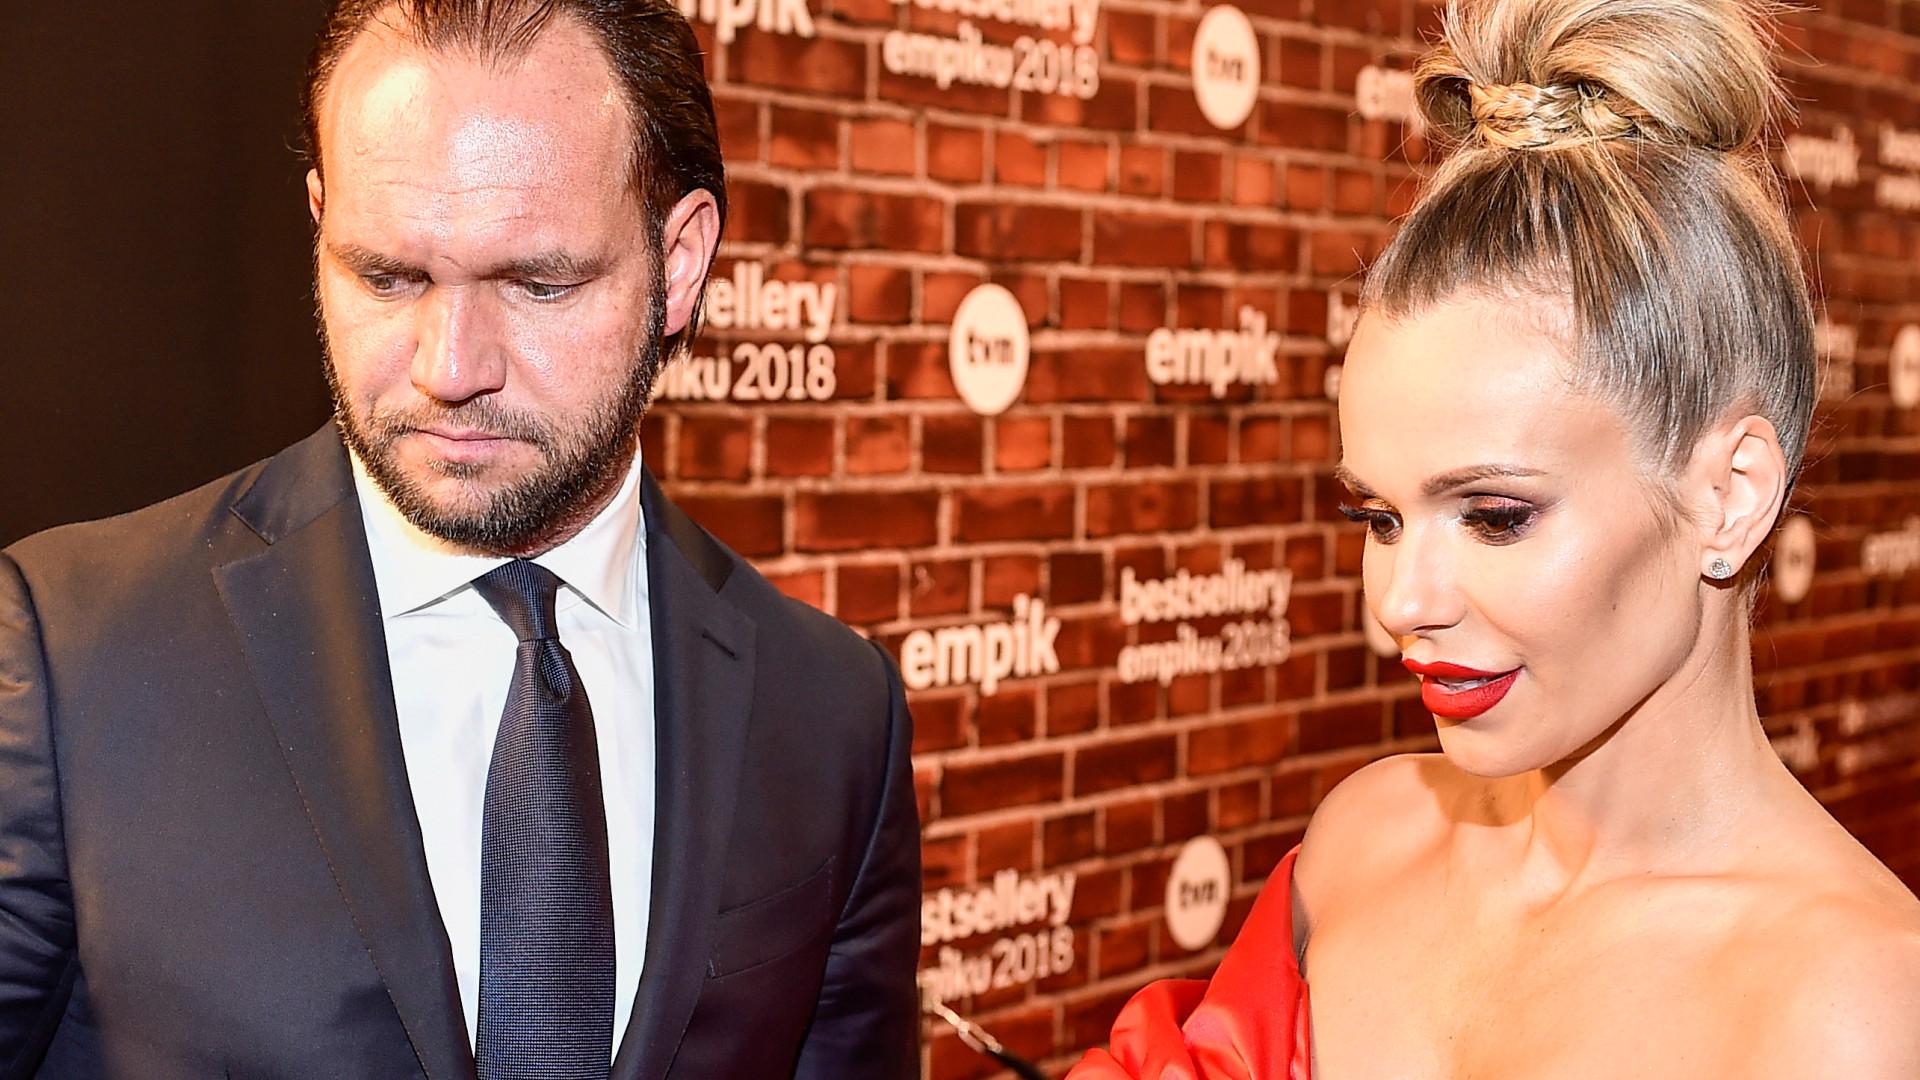 Emil Stępień nie pojawił się na rozprawie rozwodowej. Doda jest wściekła